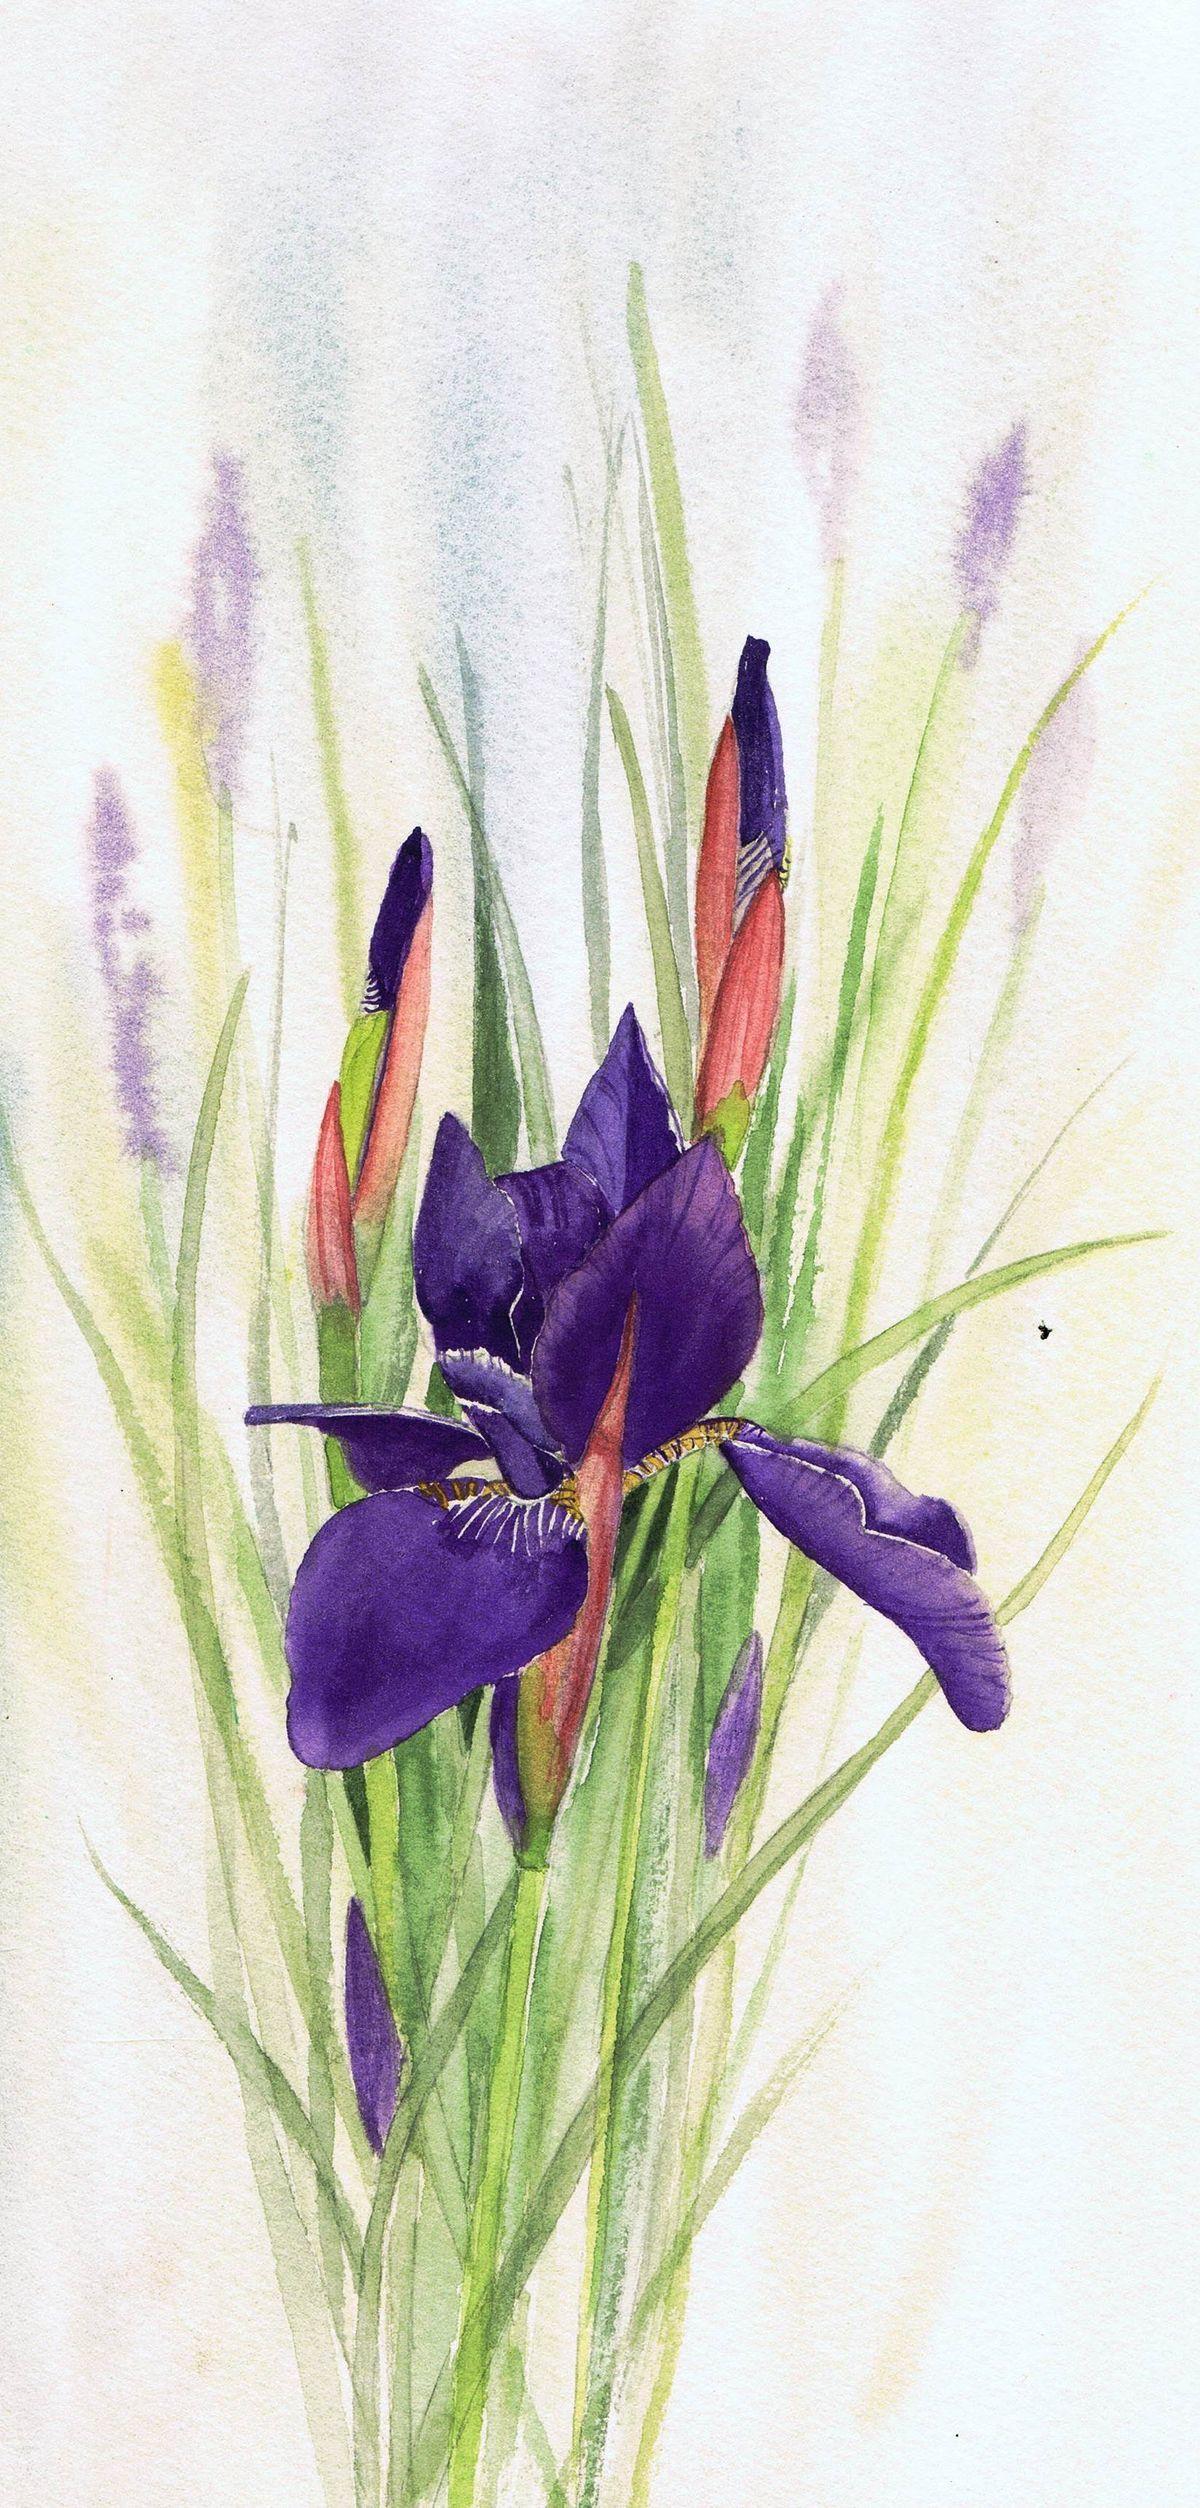 1b58bdb143994fba1ce676cb1230833ag 12002508 pixels art first iris by julie horner watercolour izmirmasajfo